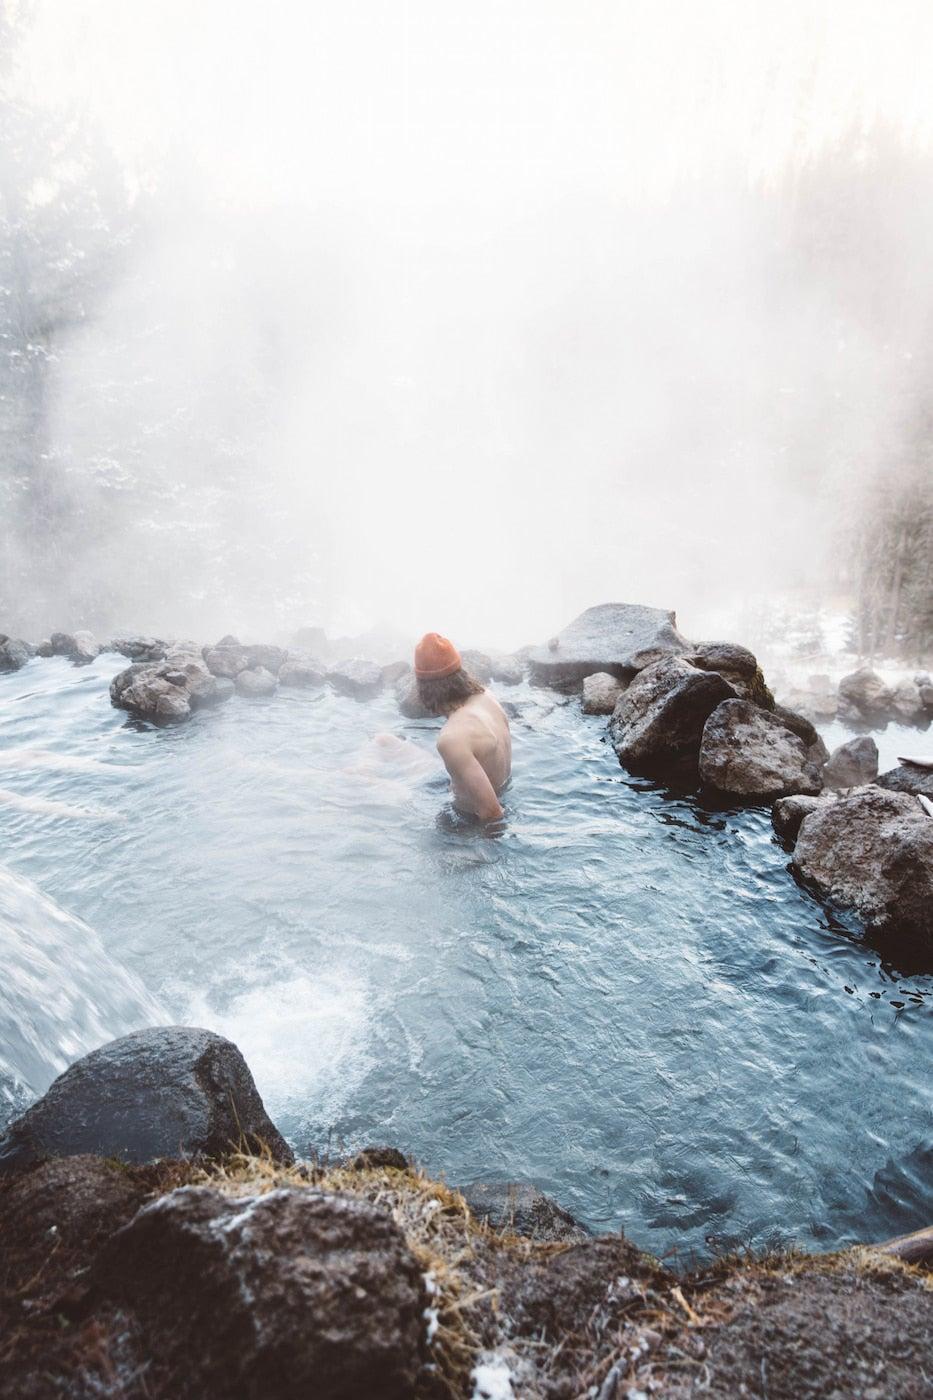 Man soaking in hot spring.